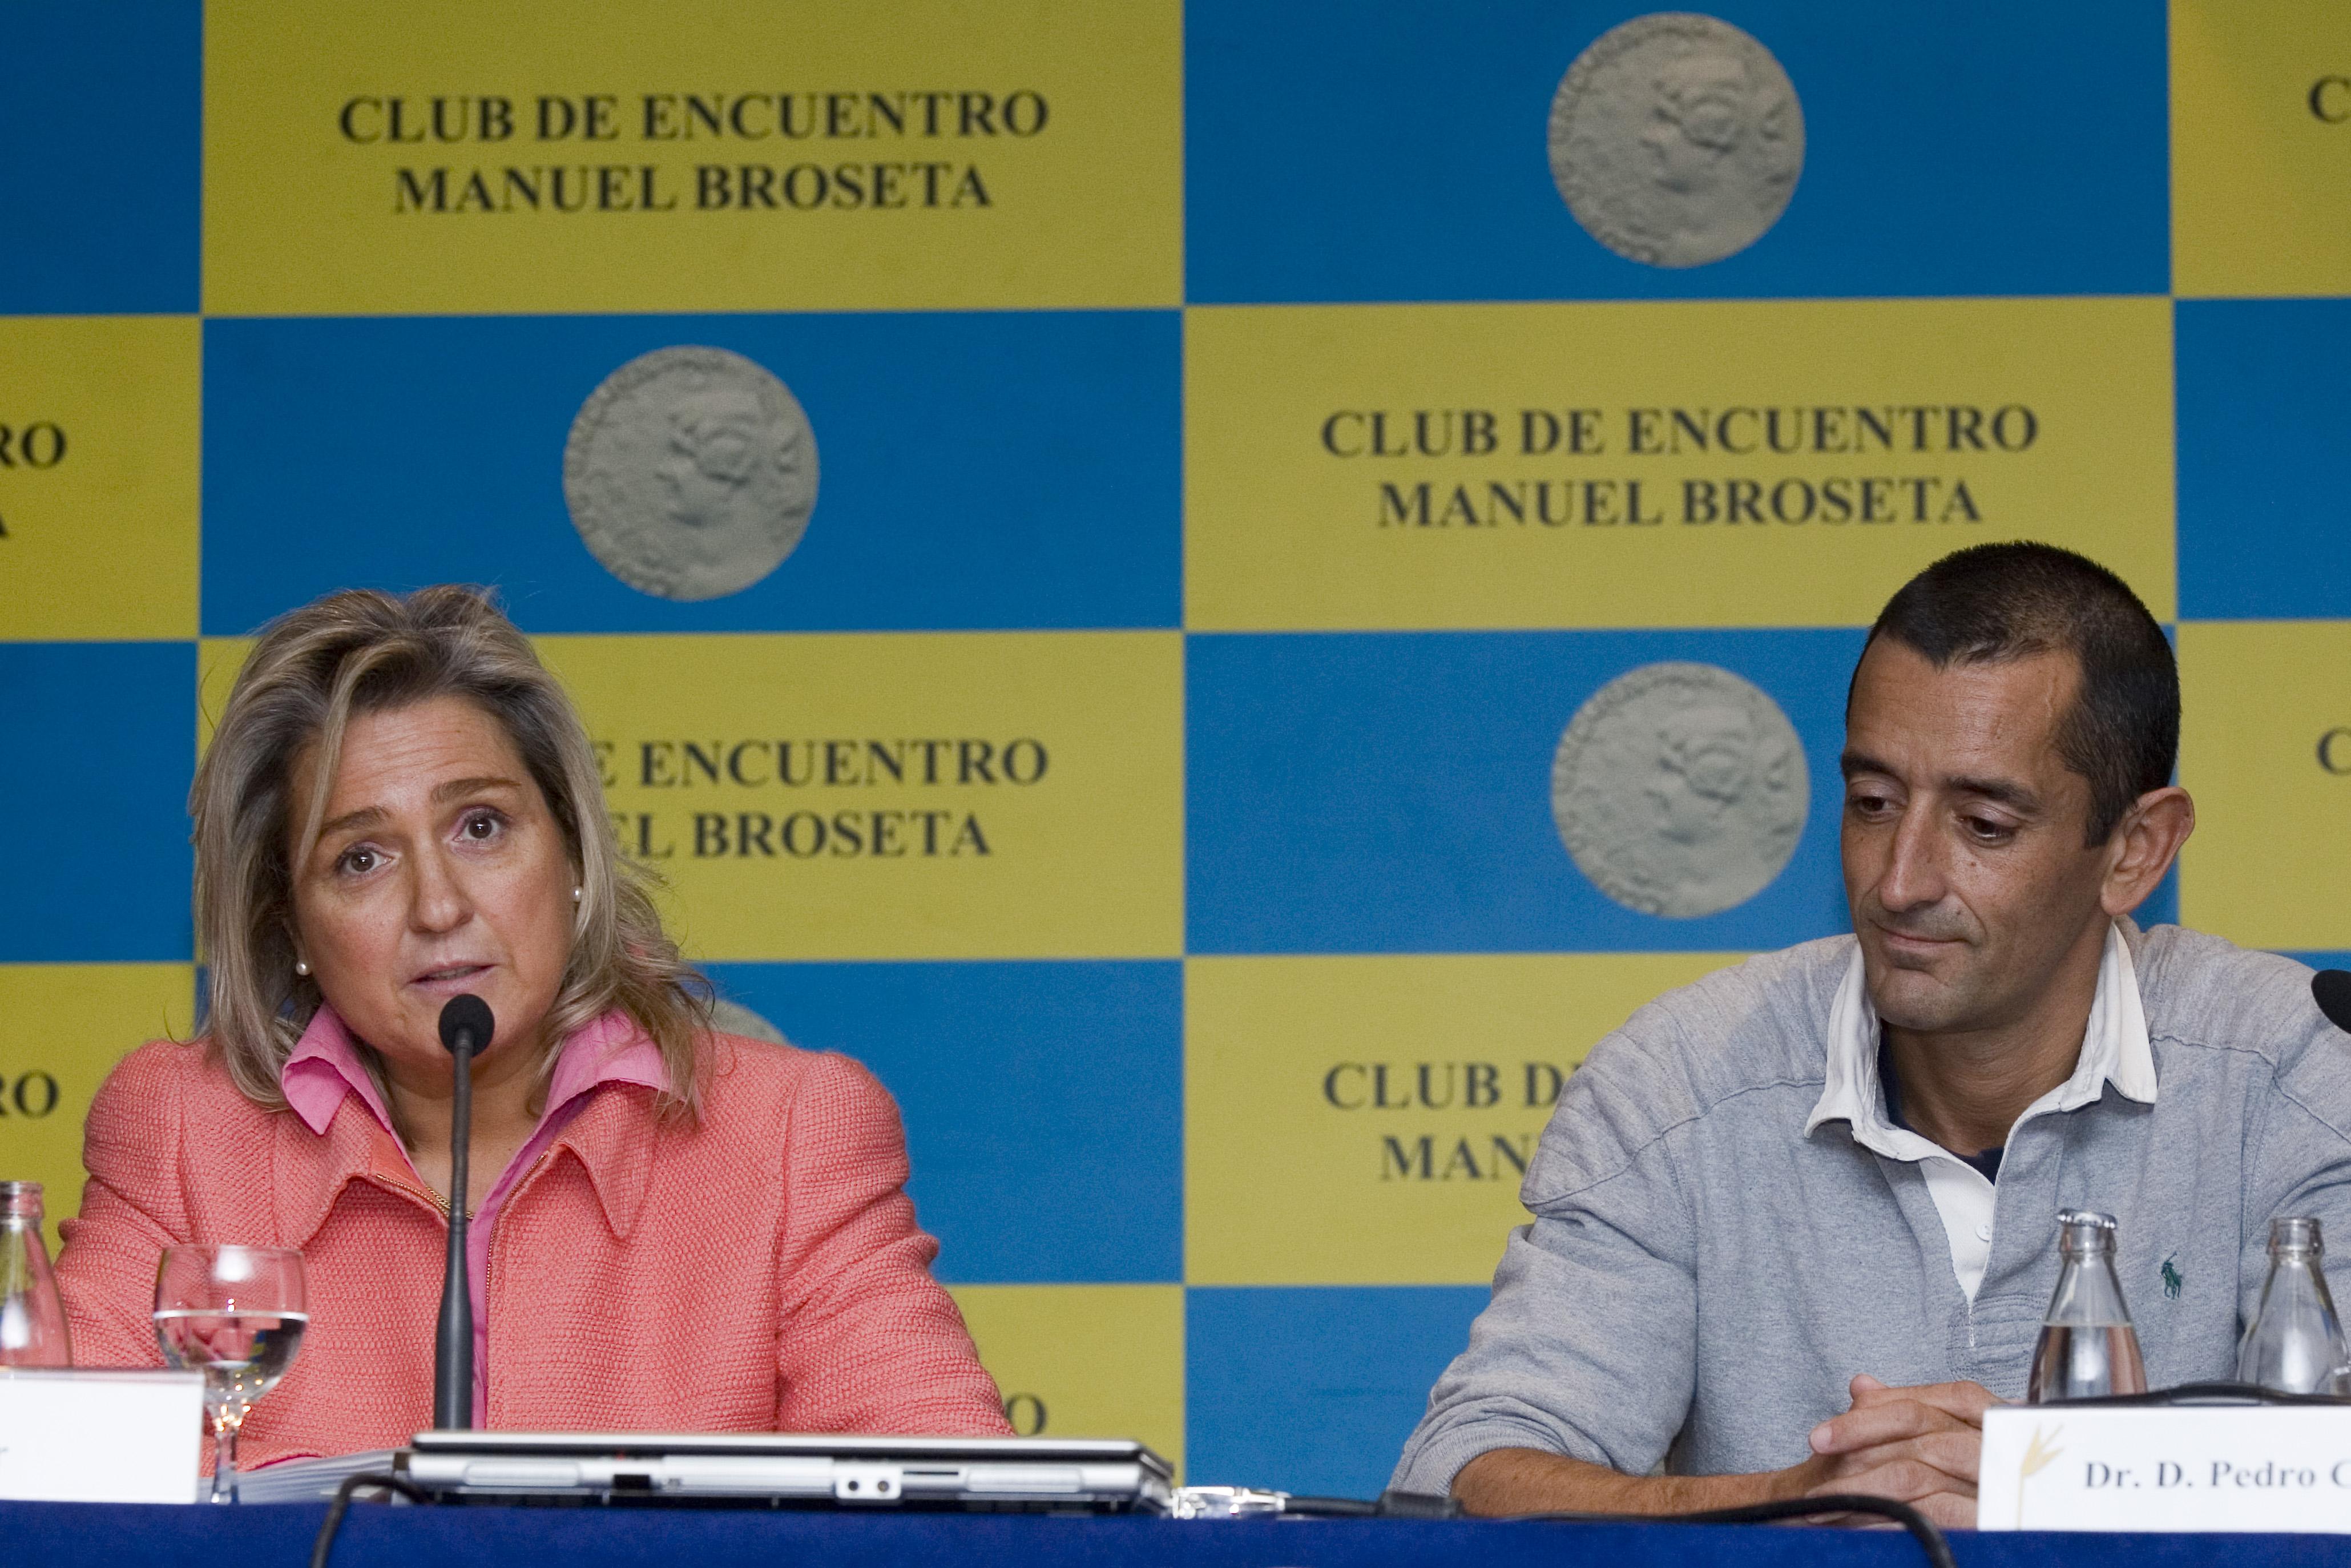 Club de encuentro Manuel Broseta